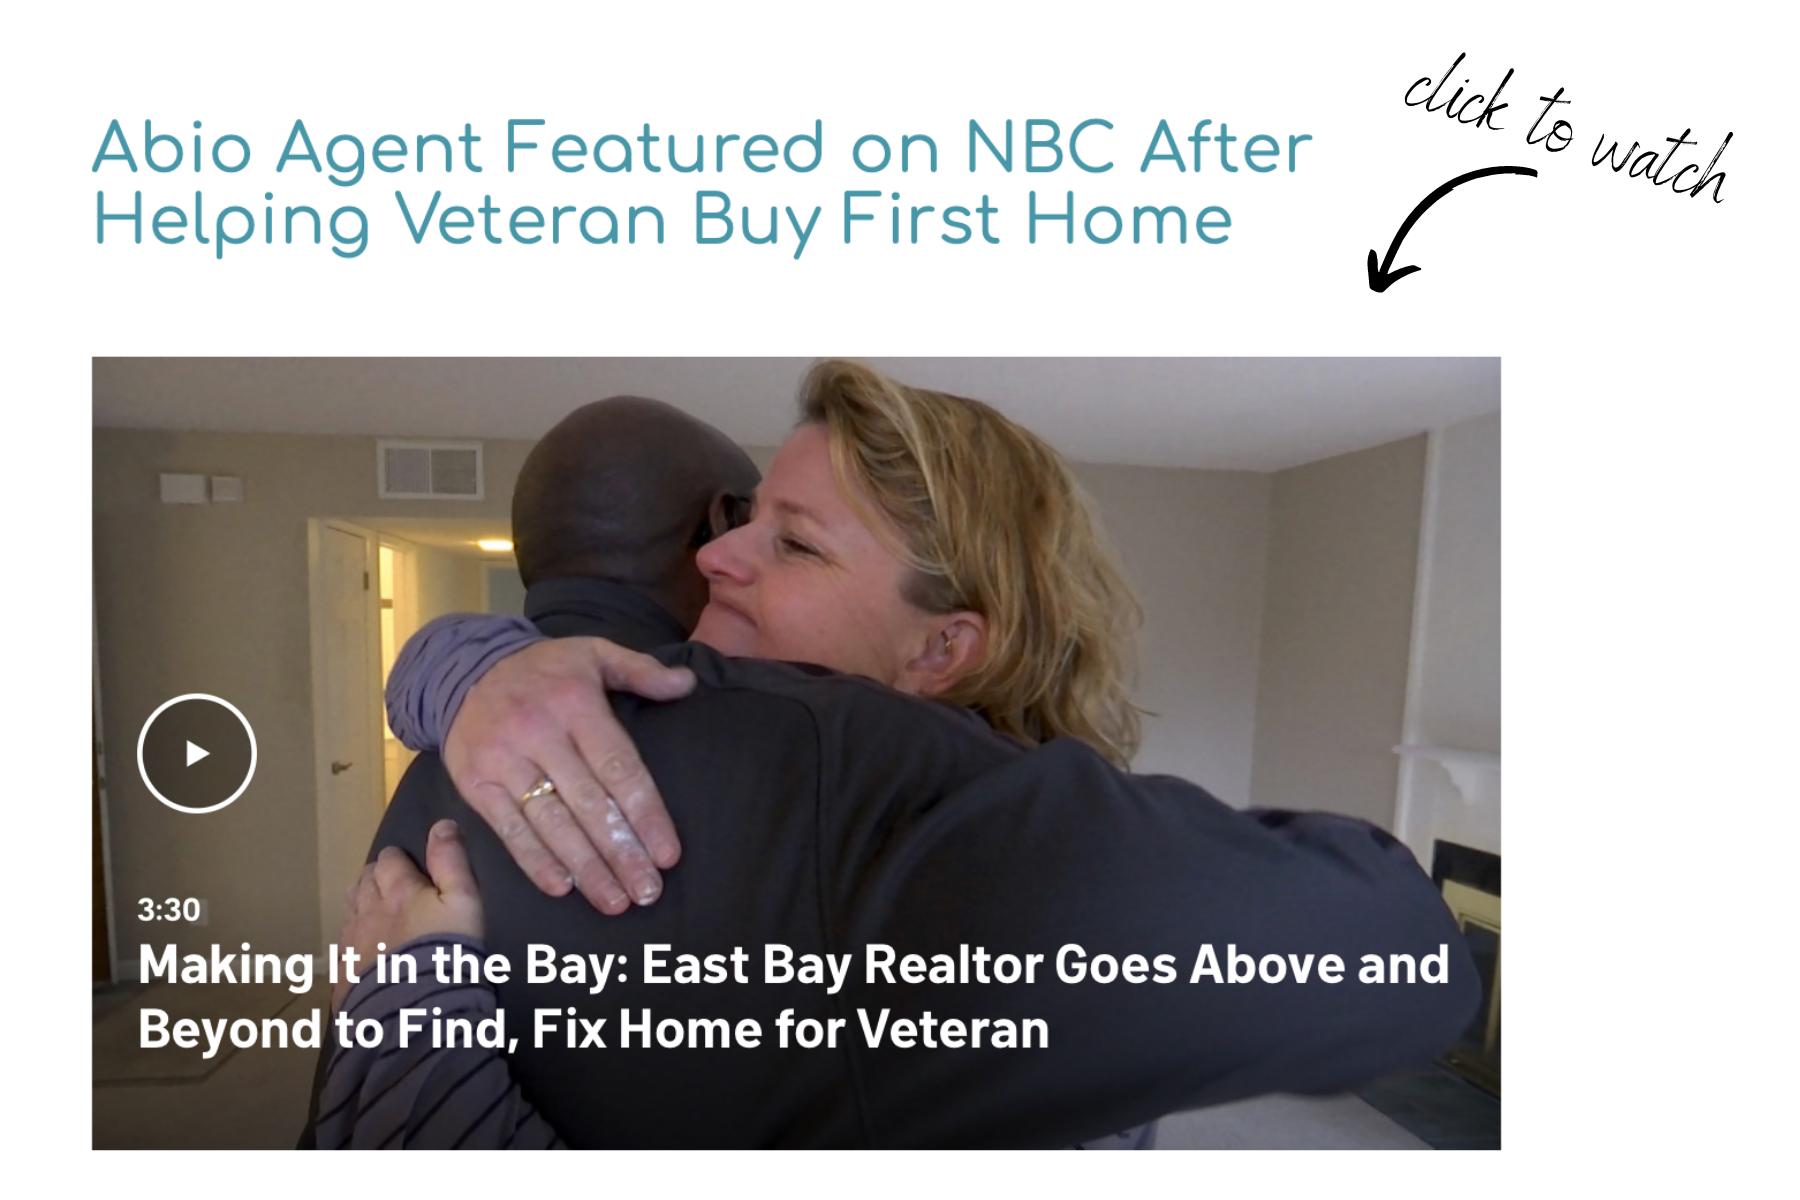 NBC news clip featuring a VA home loan recipient hugging real estate agent Mariah Bradford